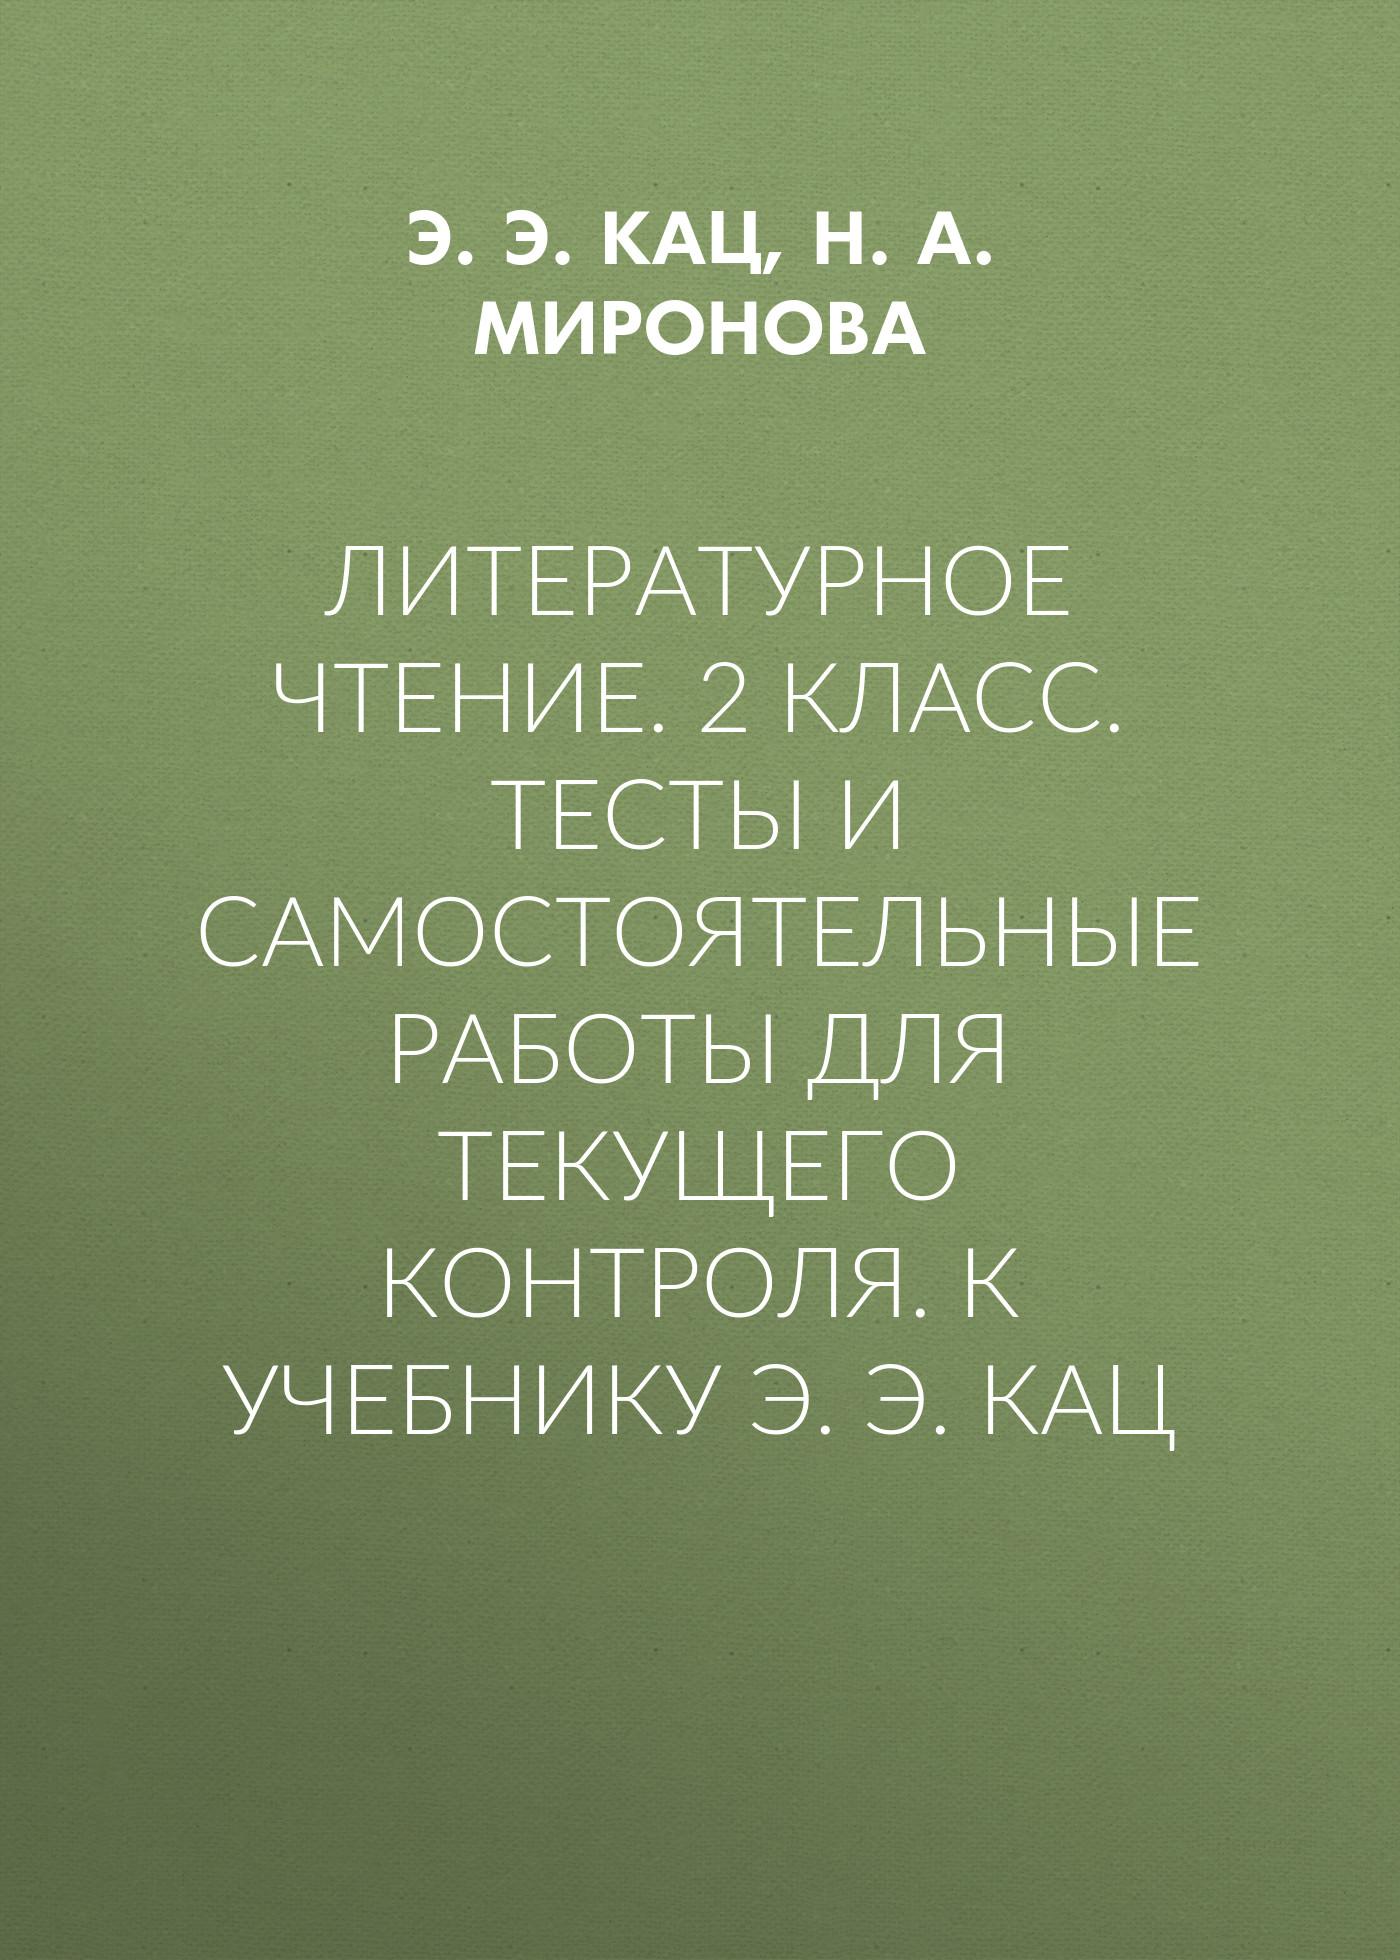 цена на Э. Э. Кац Литературное чтение. 2 класс. Тесты и самостоятельные работы для текущего контроля. К учебнику Э. Э. Кац